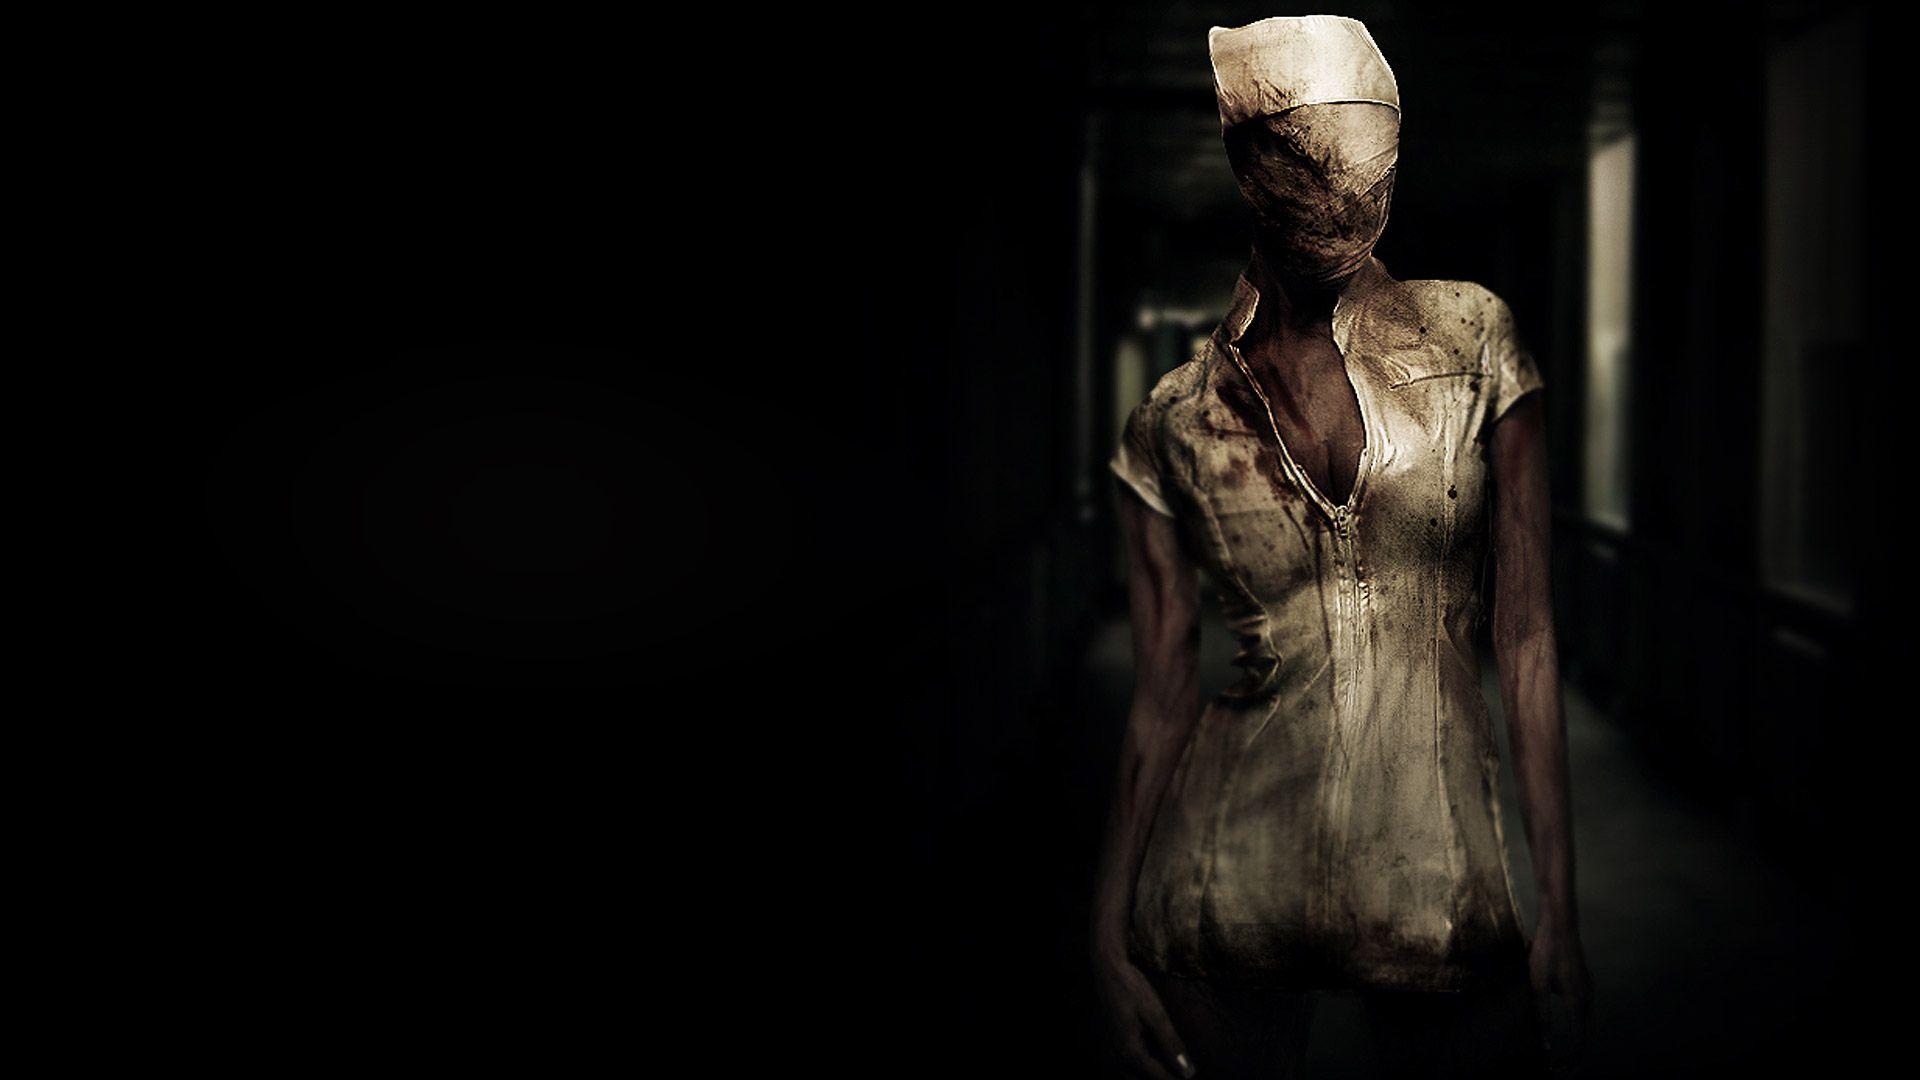 Horror Zombie Wallpaper Full Hd 4 Jpg C Wallconvert Com Horror Wallpapers Hd Silent Hill Silent Hill Art